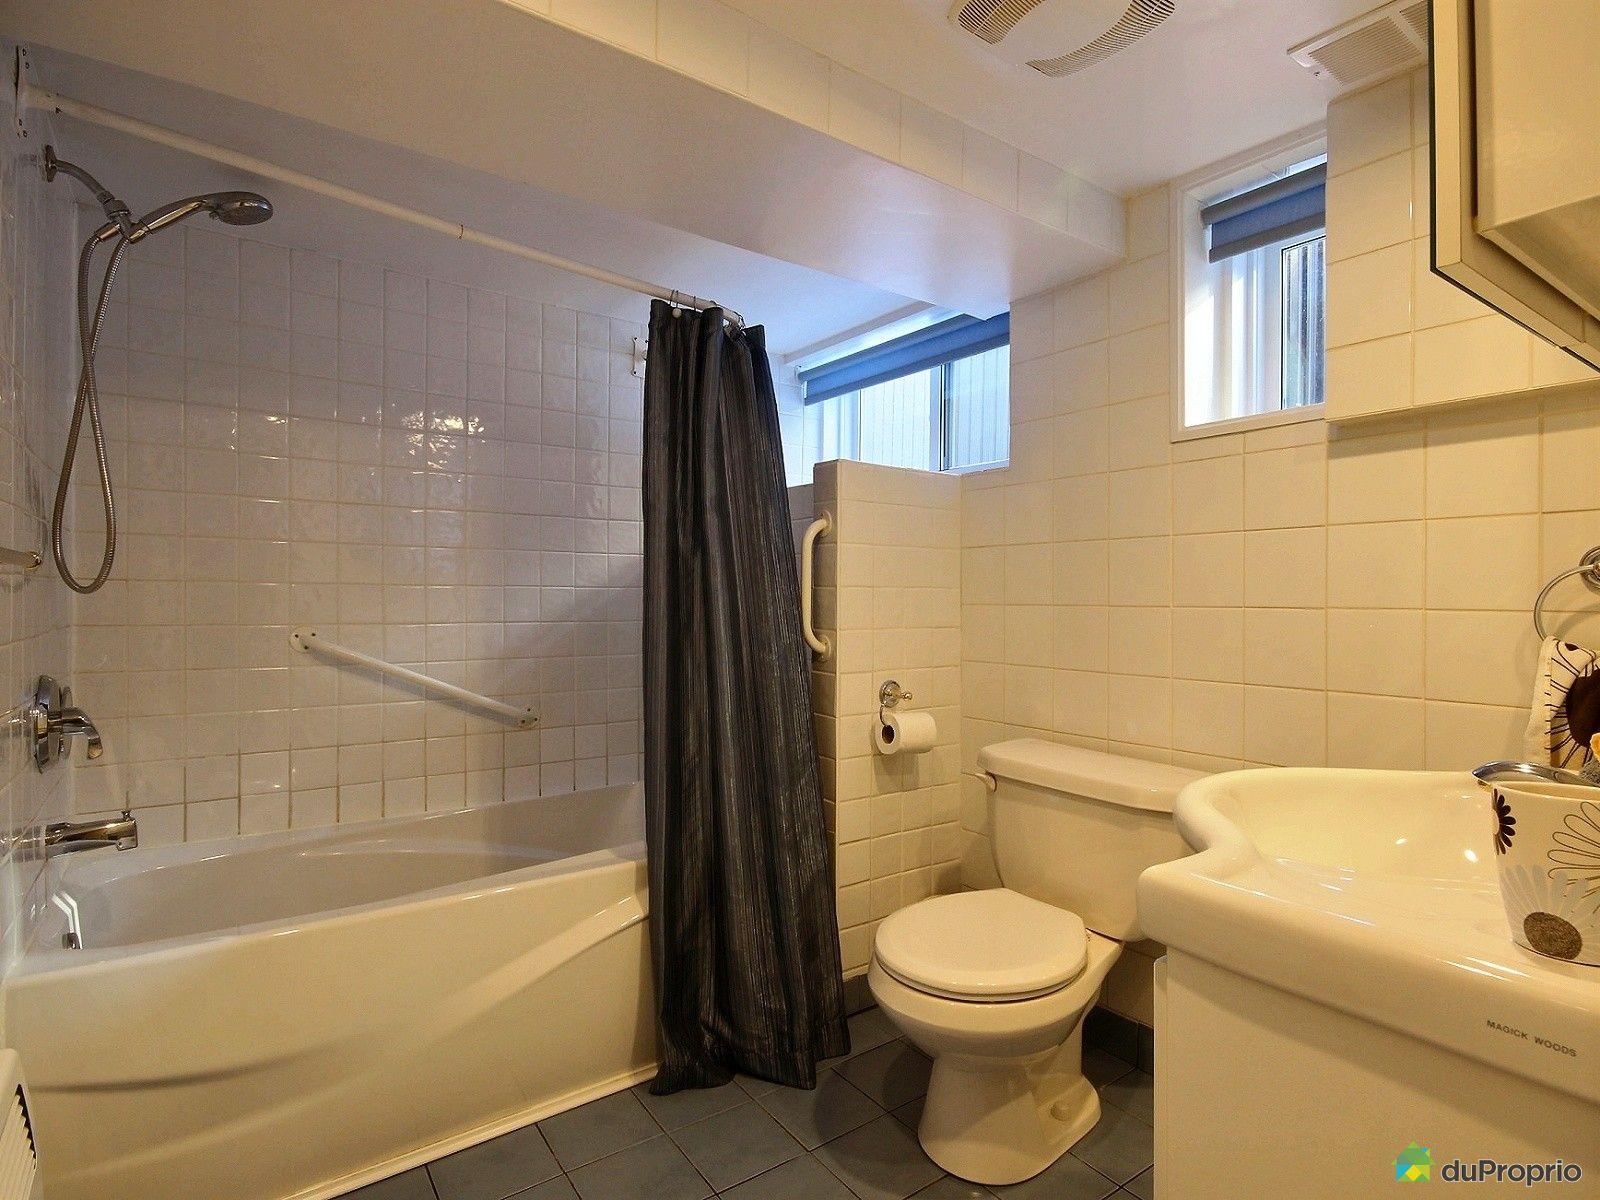 Jumel vendu montr al immobilier qu bec duproprio 100904 for Plomberie salle de bain au sous sol